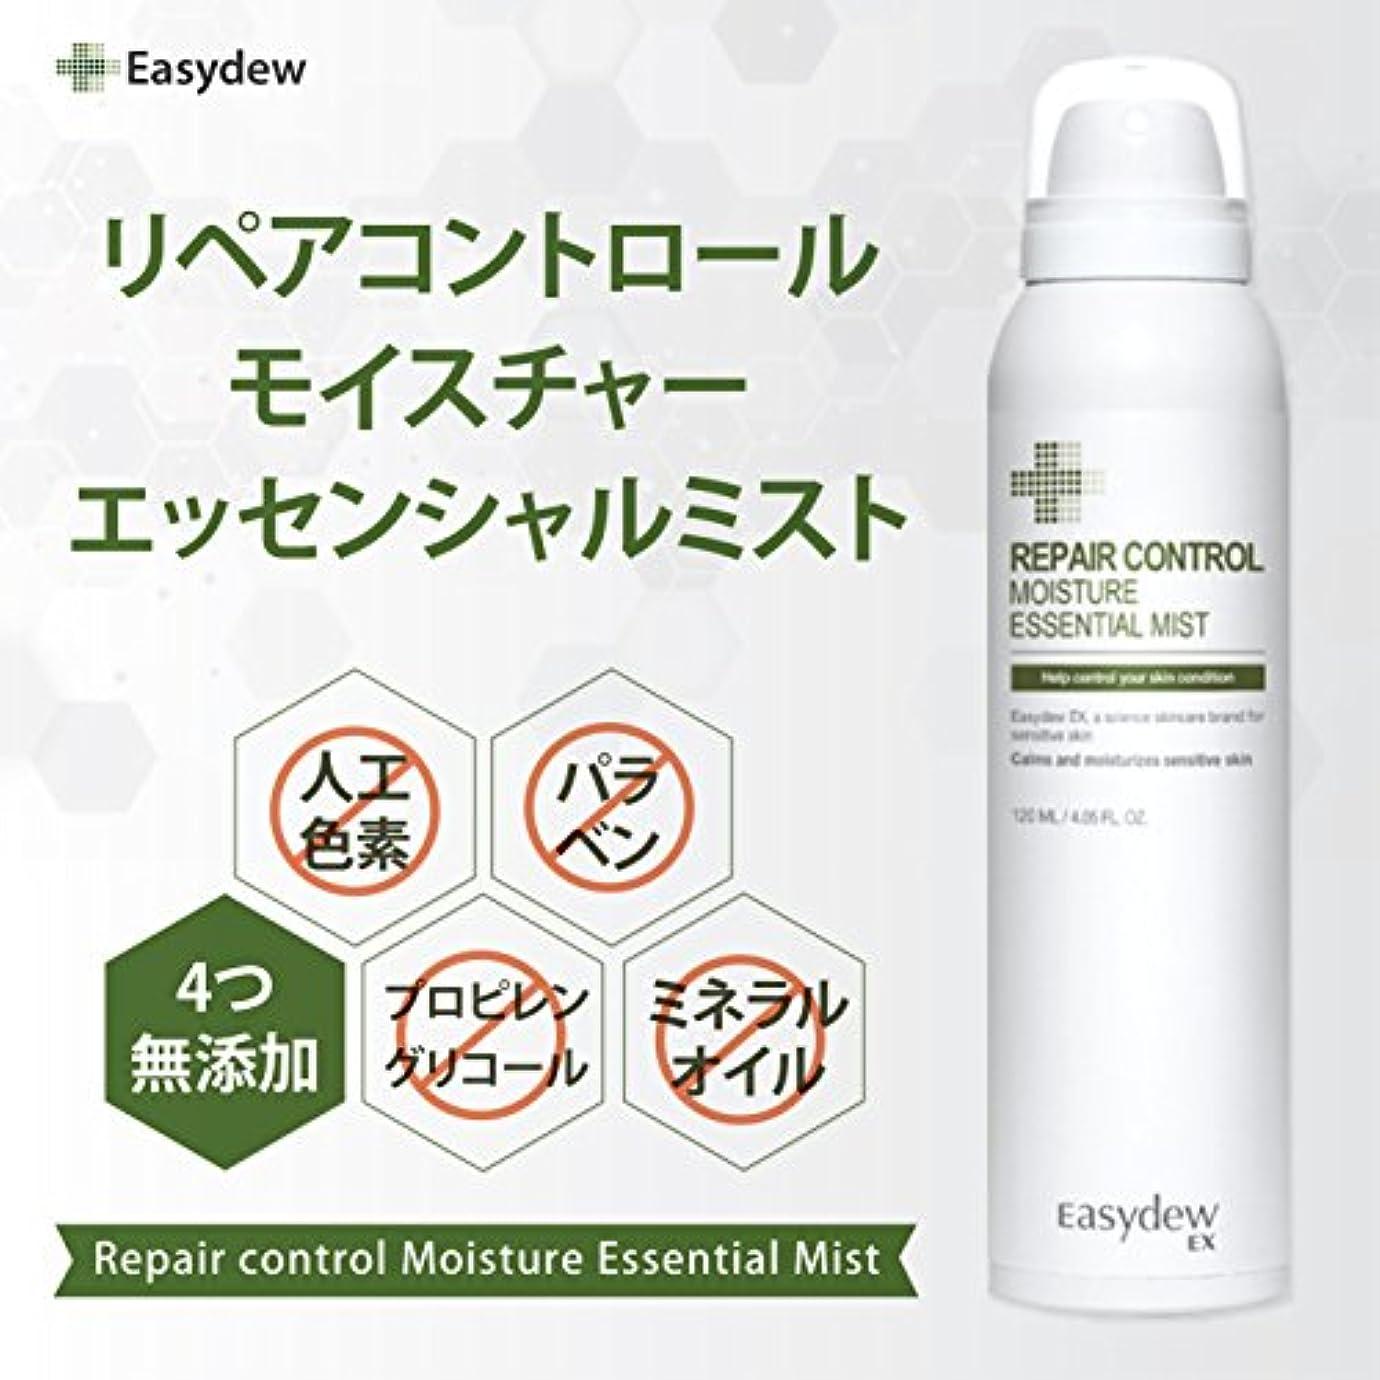 チャーム促進するクリップEASYDEW EX リペア コントロール モイスチャー エッセンシャル ミスト Repair Control Moisture Essential Mist 120ml